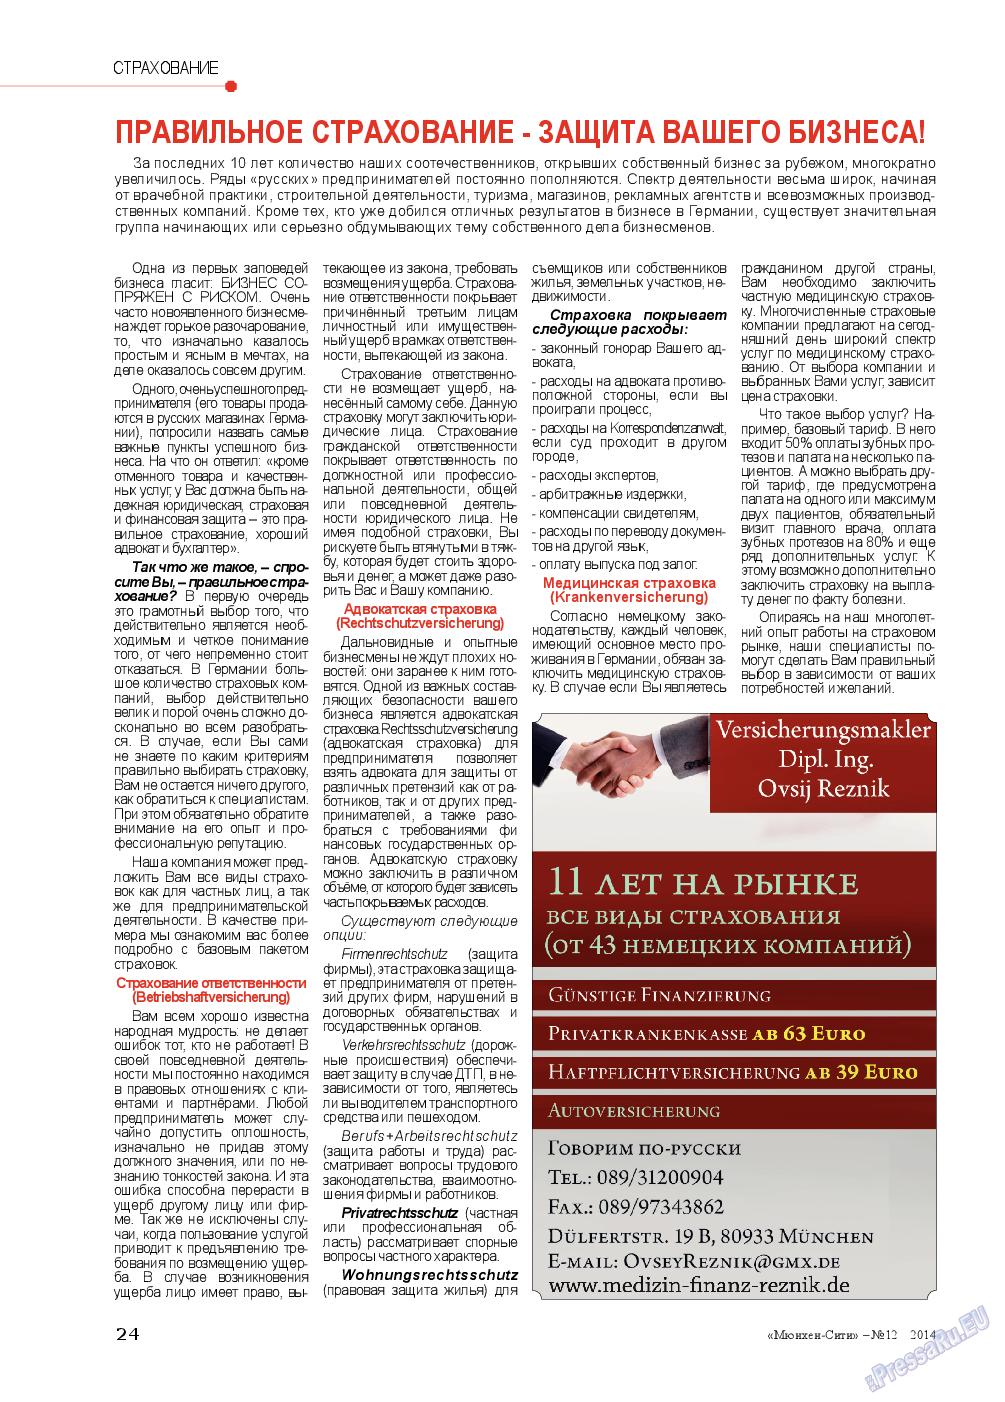 Мюнхен-сити (журнал). 2014 год, номер 12, стр. 24